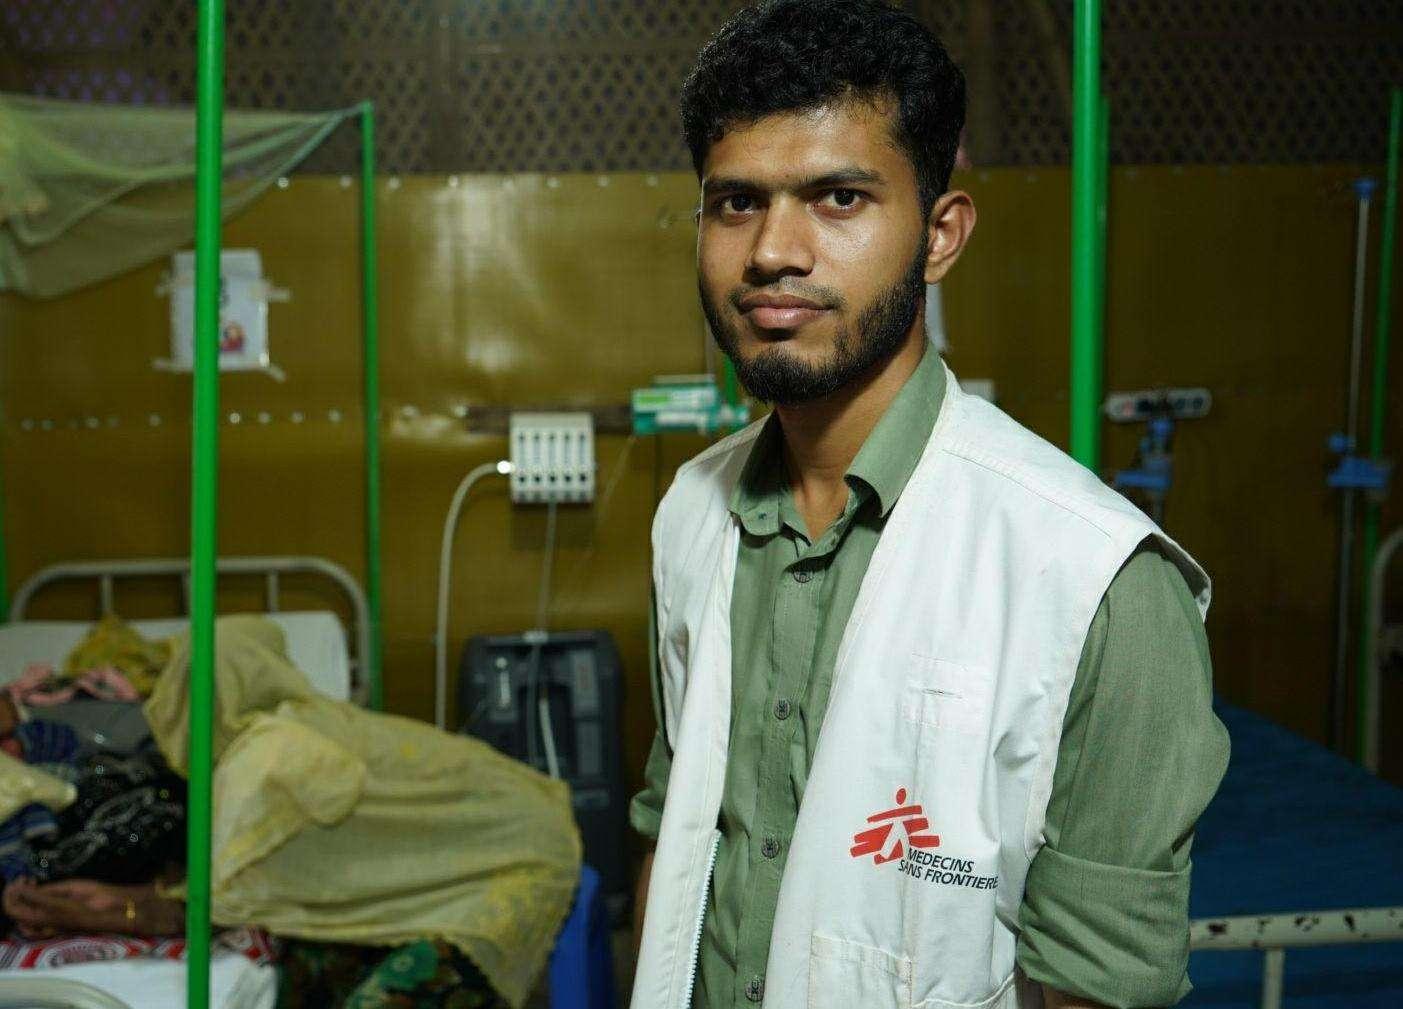 Gaziur Rehman, Nurse Supervisor